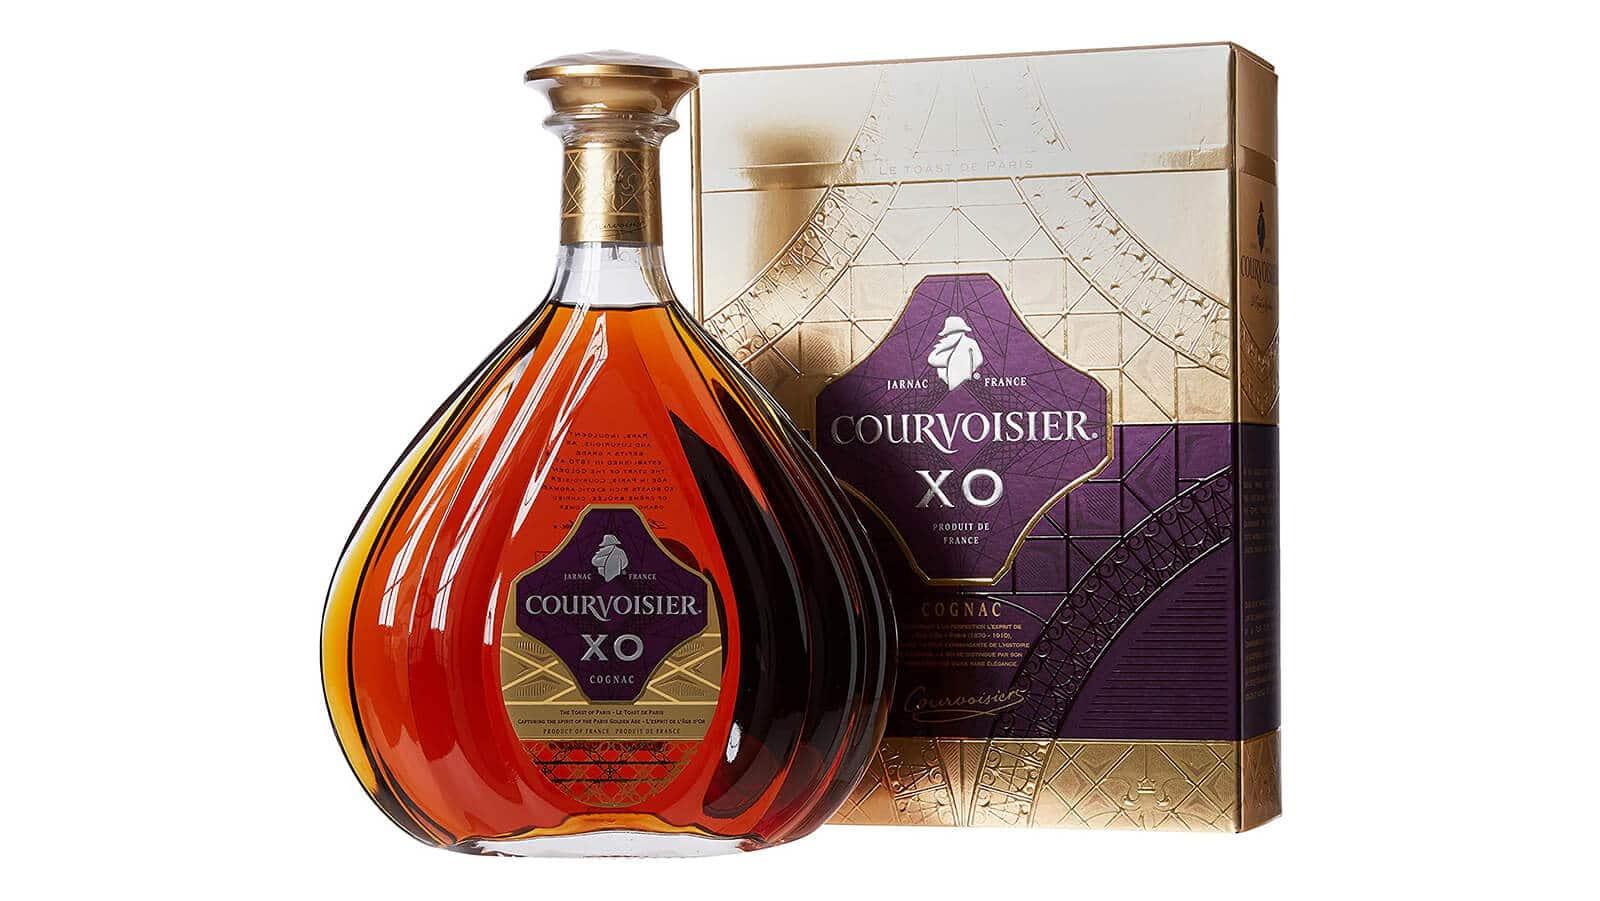 Courvoisier XO